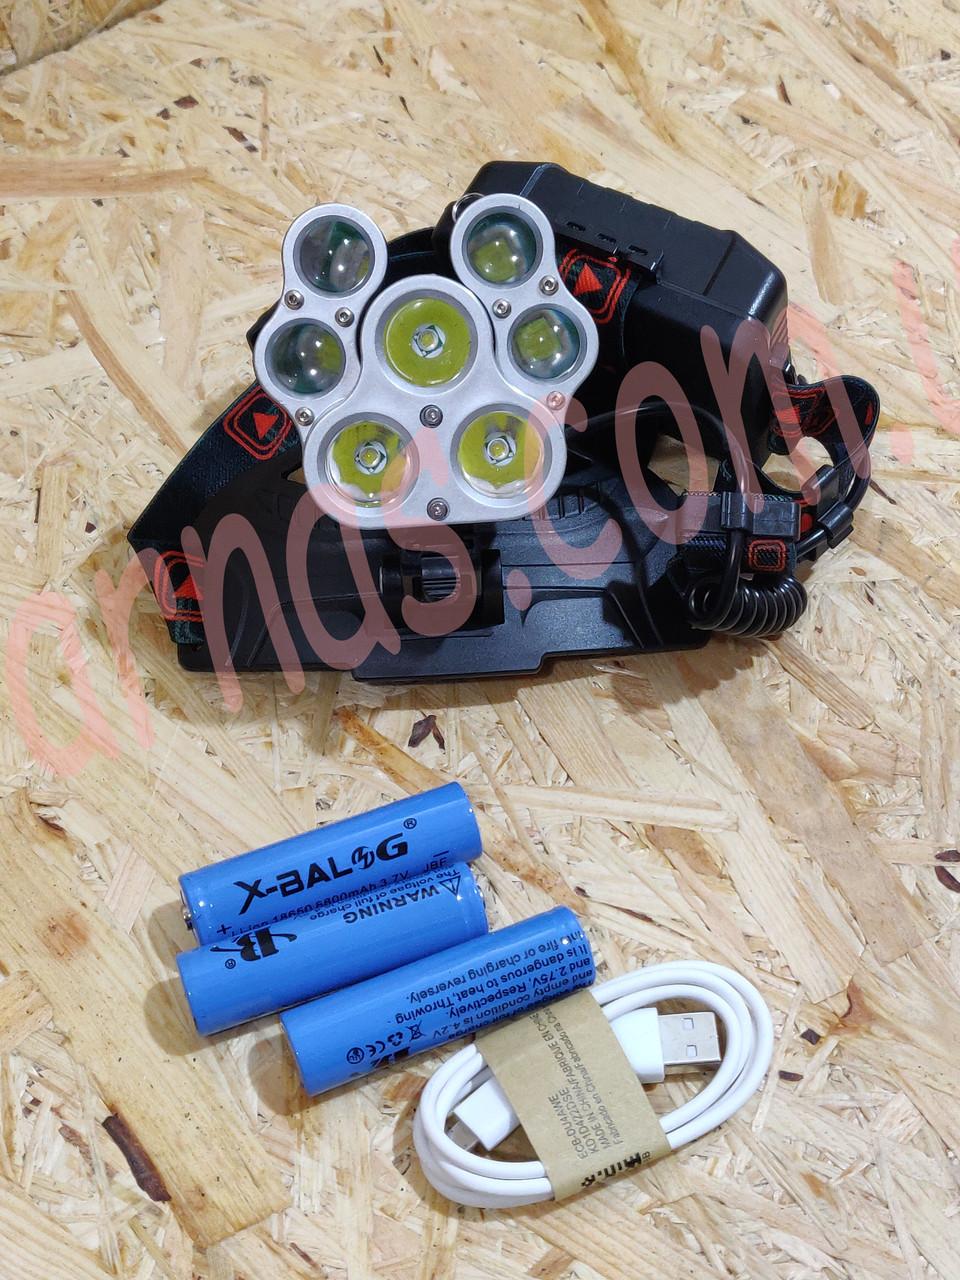 Аккумуляторный налобный фонарь W-627-T6